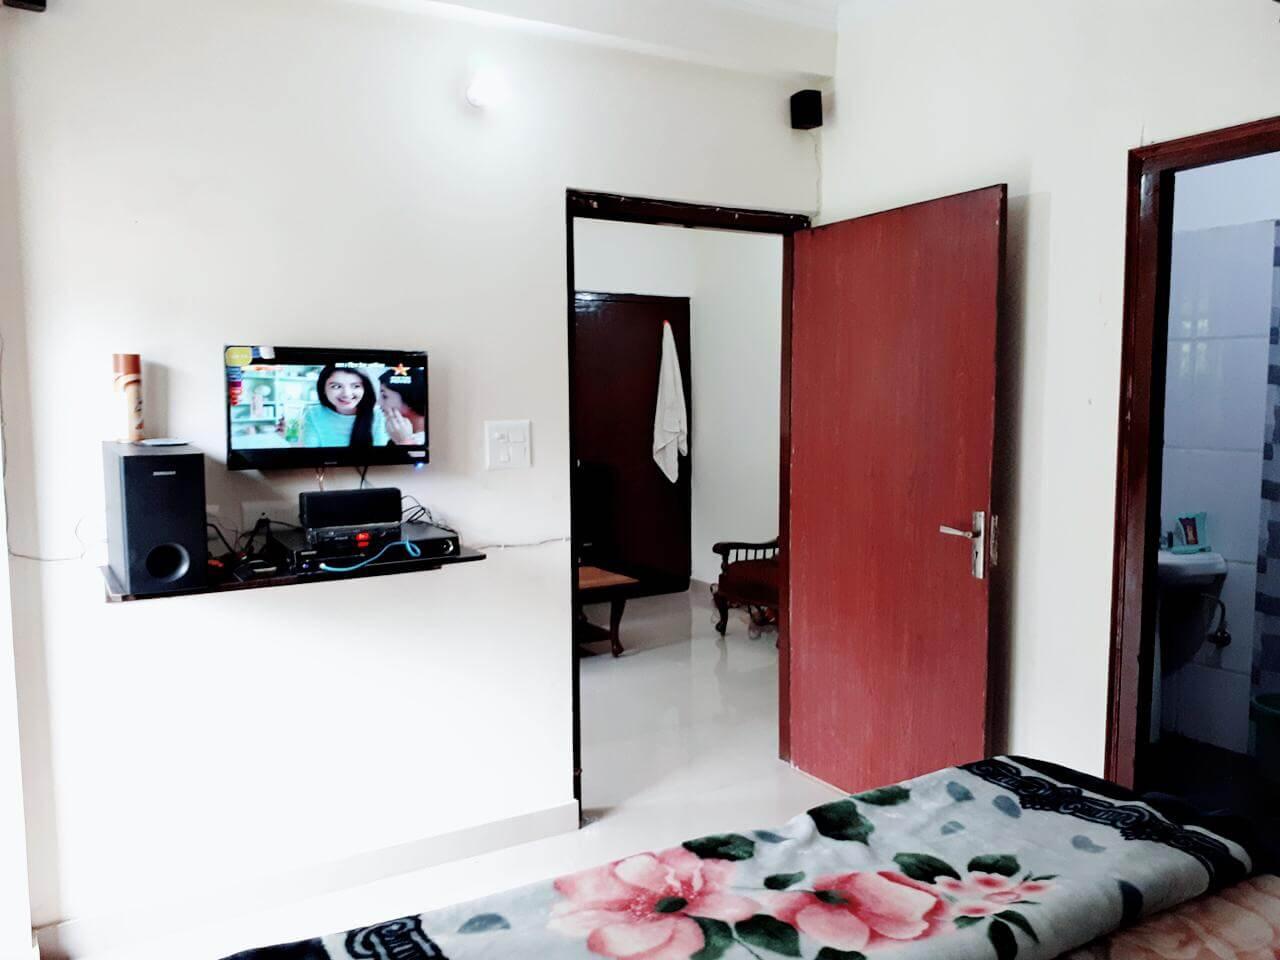 1 BHK Apartment / Flat for Rent 550 Sq. Feet at Nainital